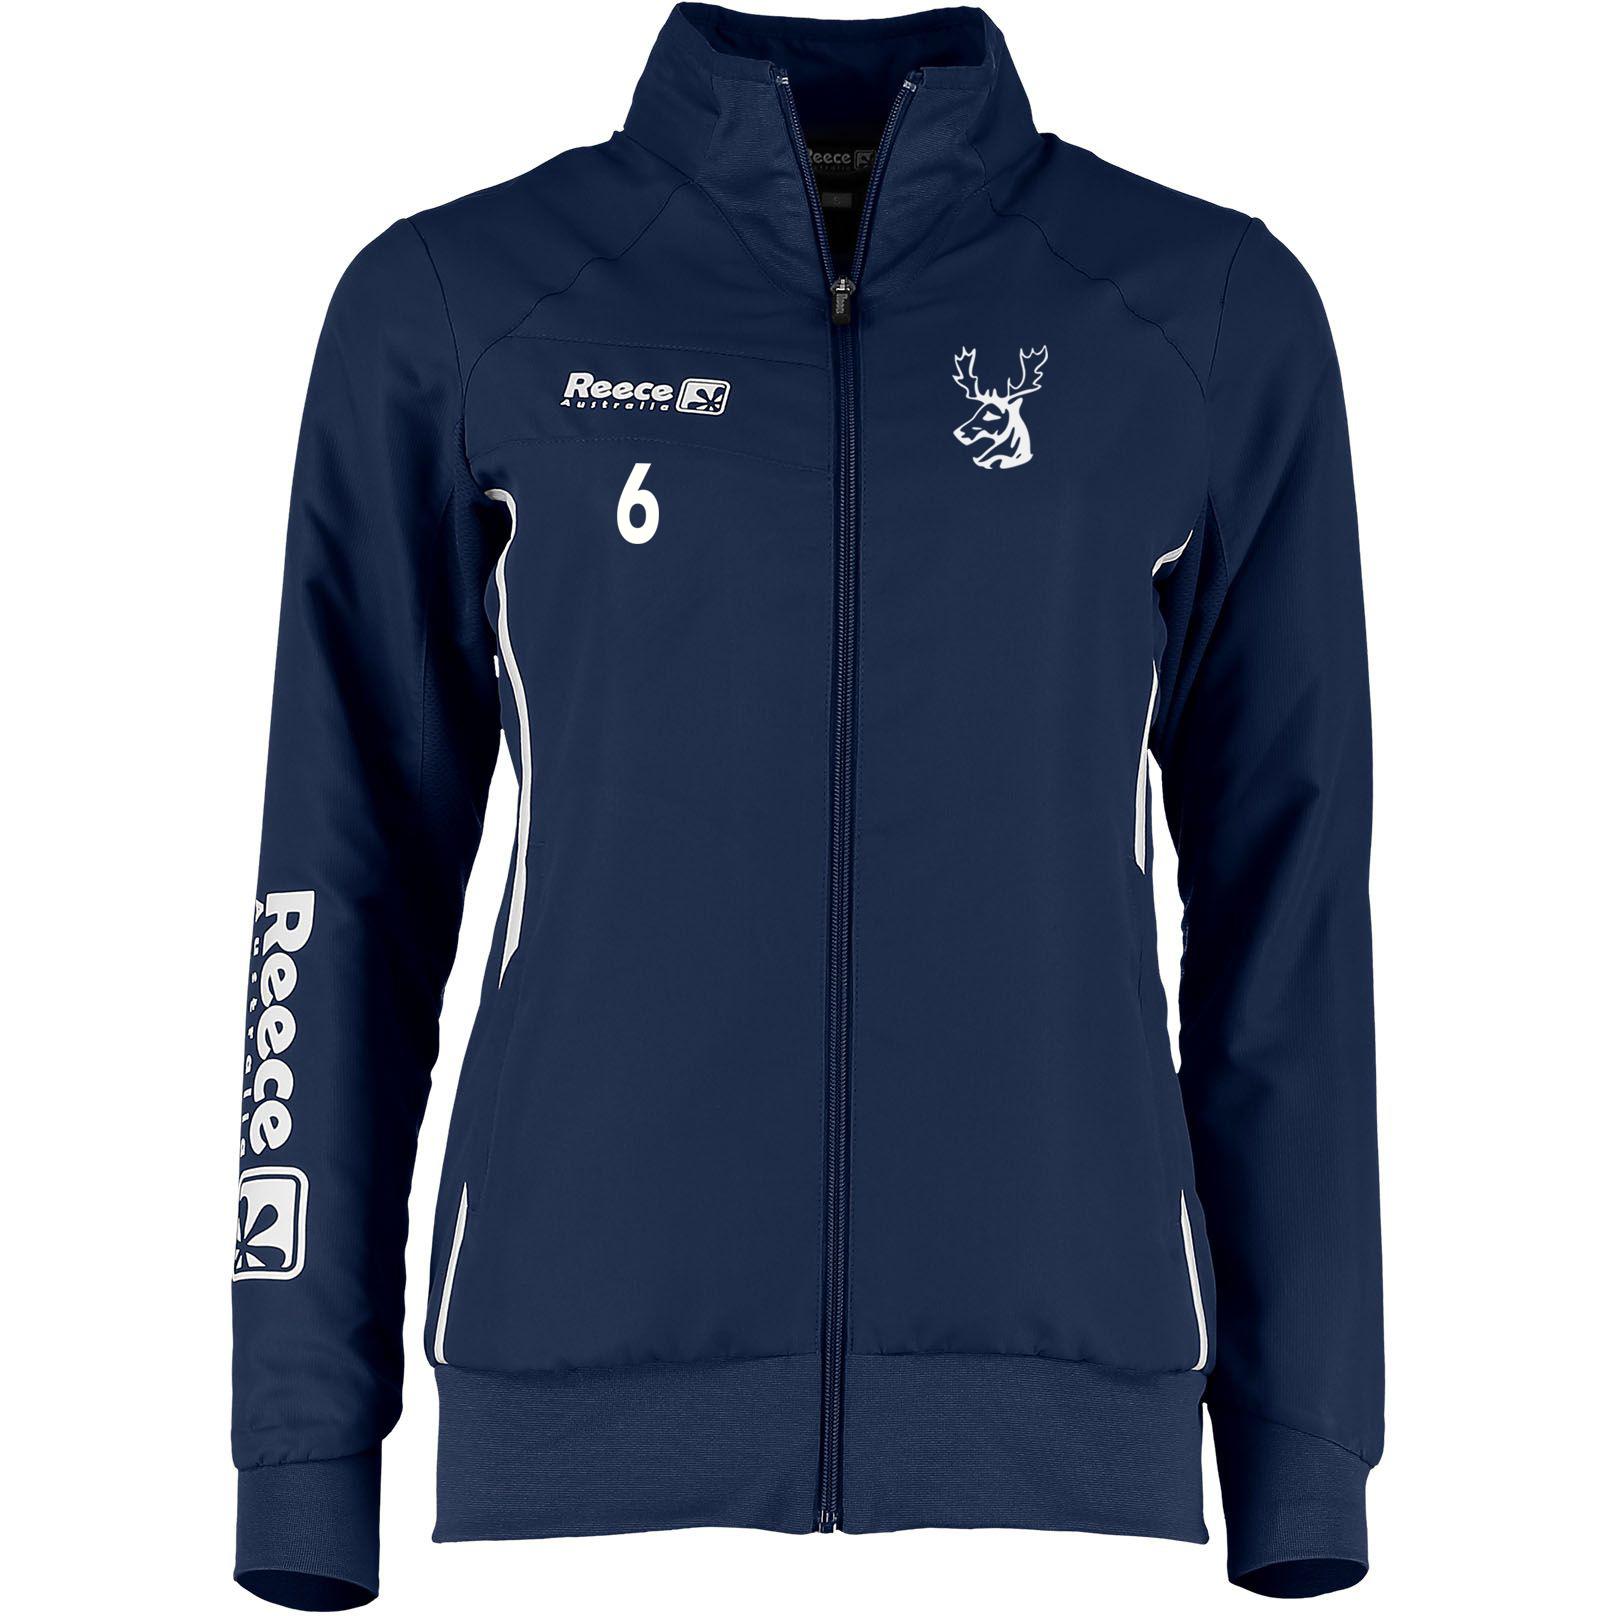 jacket-ladies-navy-number